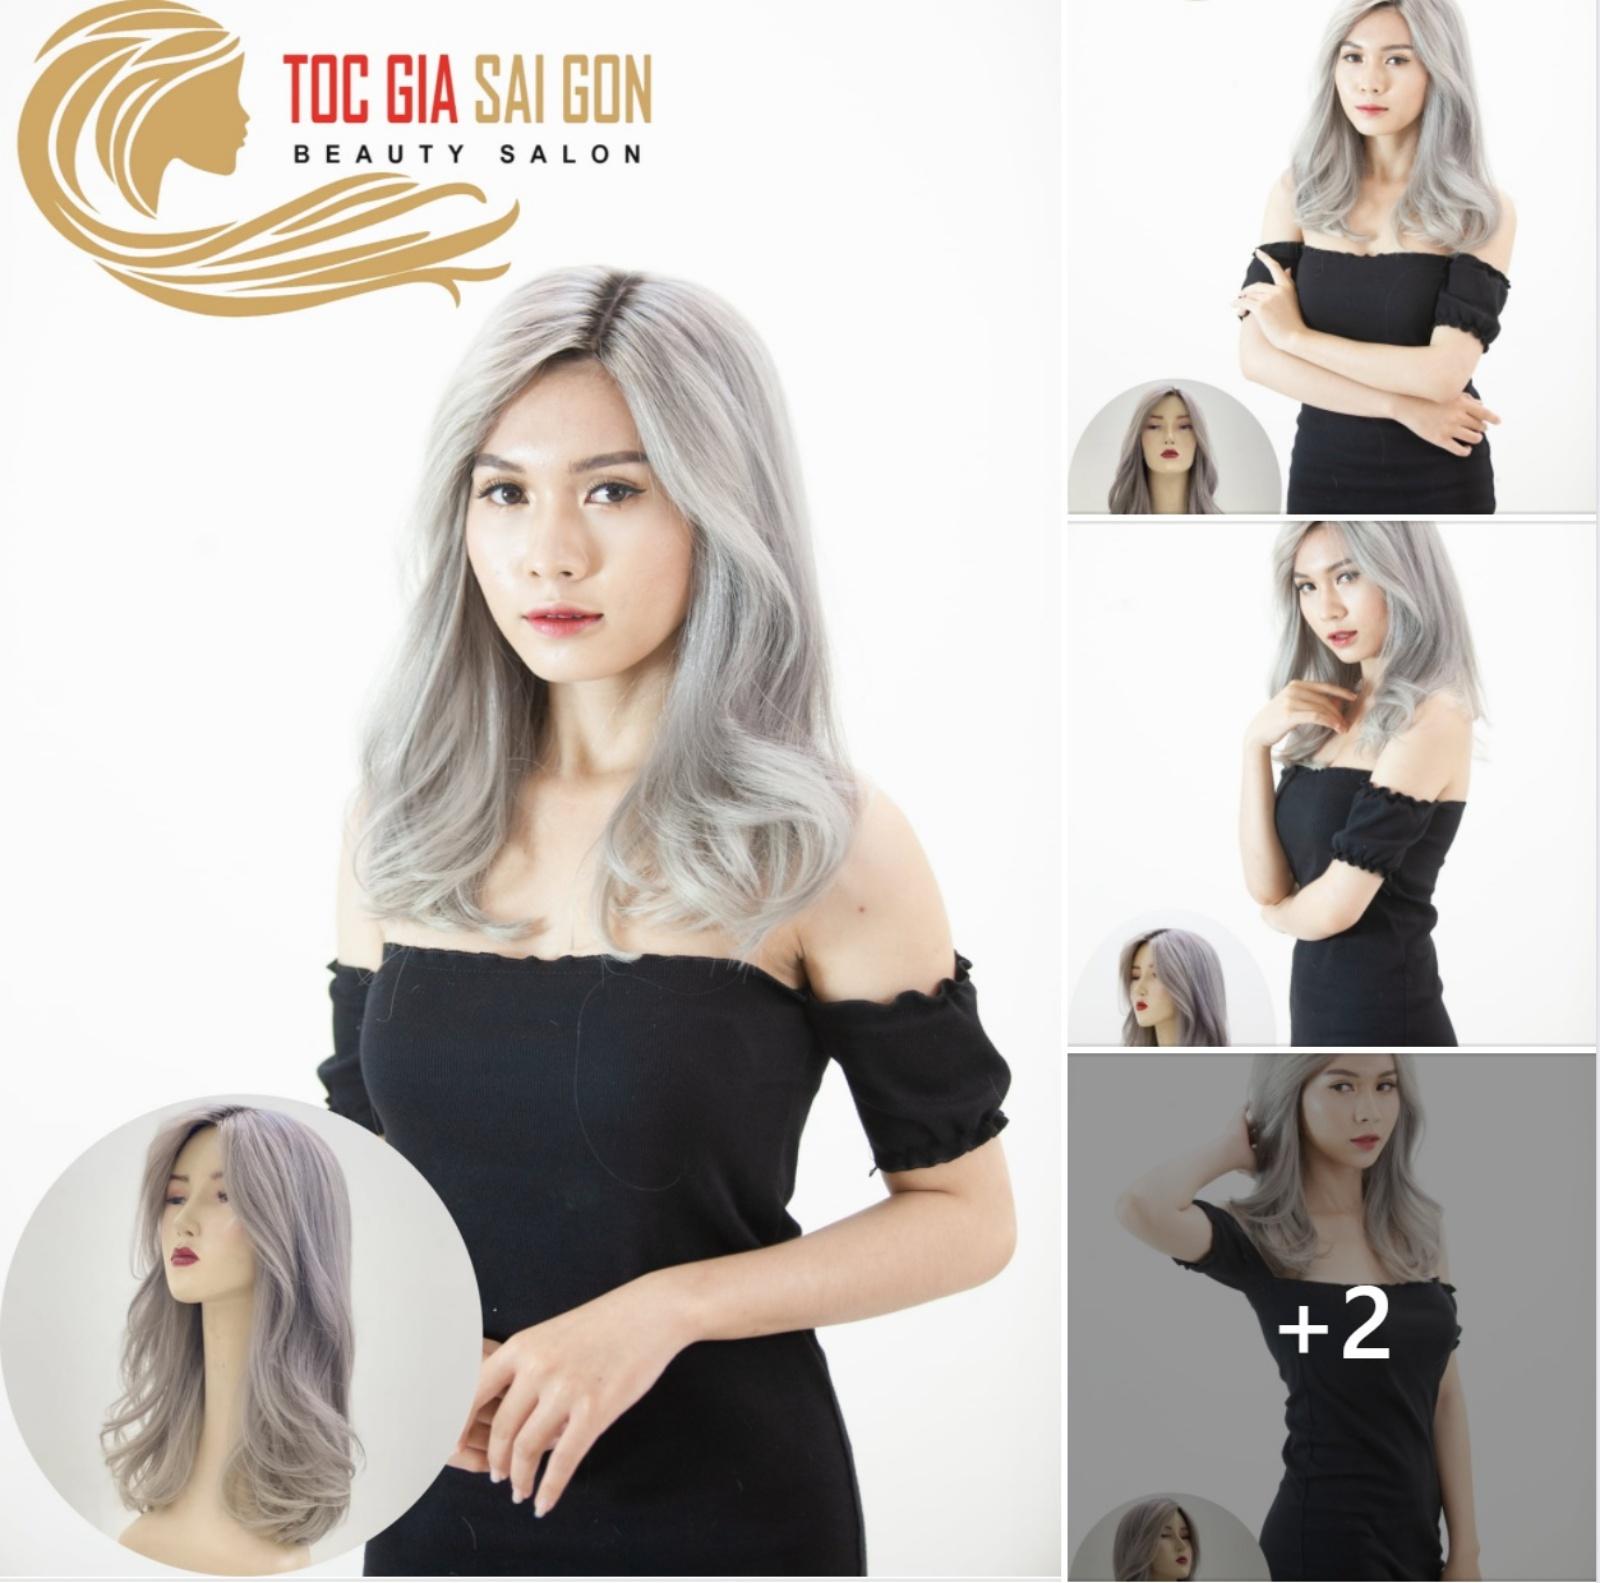 Tóc Giả Sài Gòn có rất nhiều mẫu mã đẹp và chất lượng.